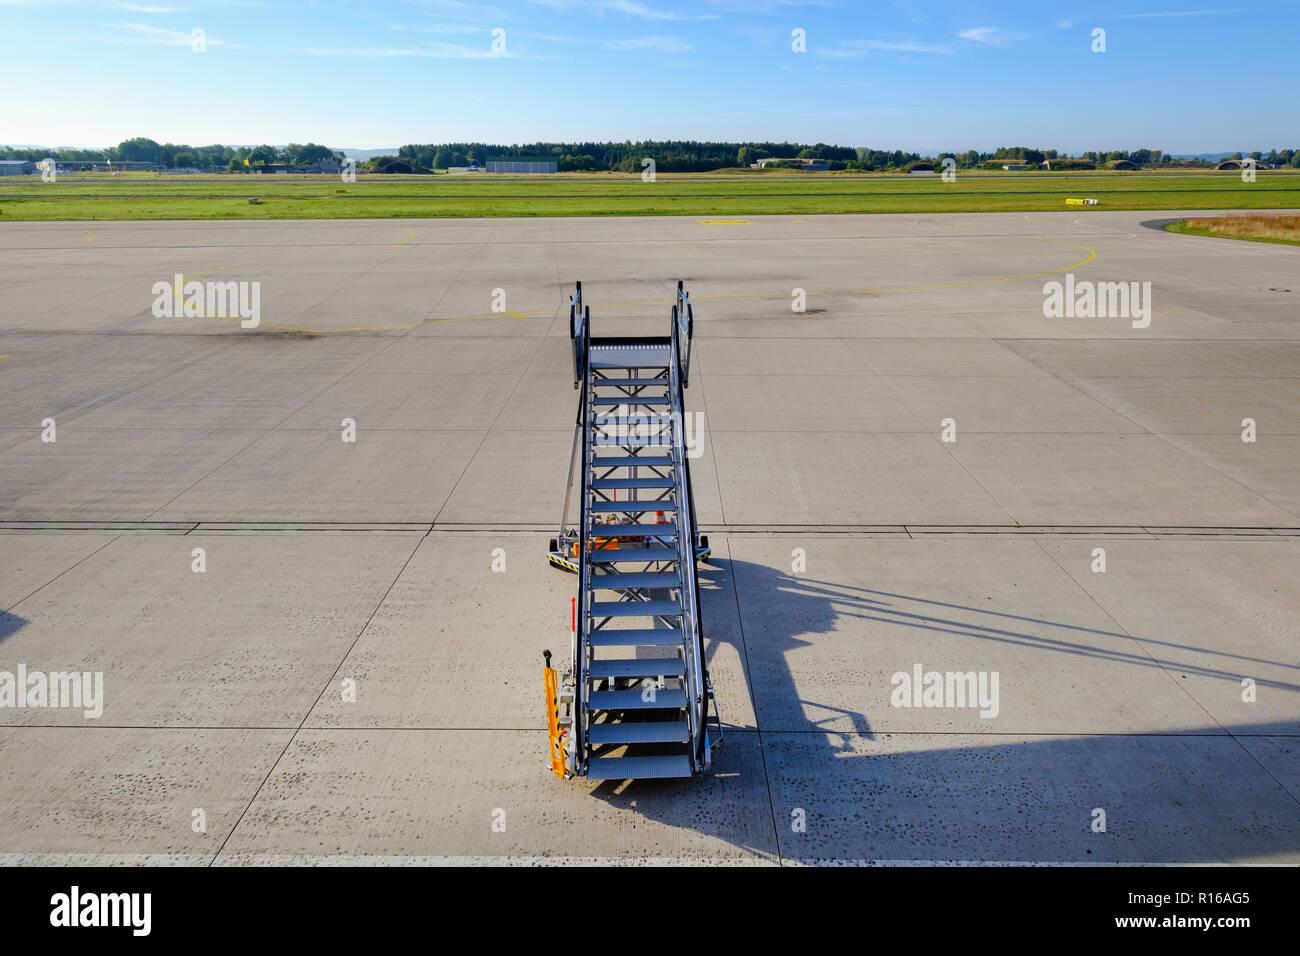 Gangway Passagier Treppen Warten Auf Leere Airfield Allgäu